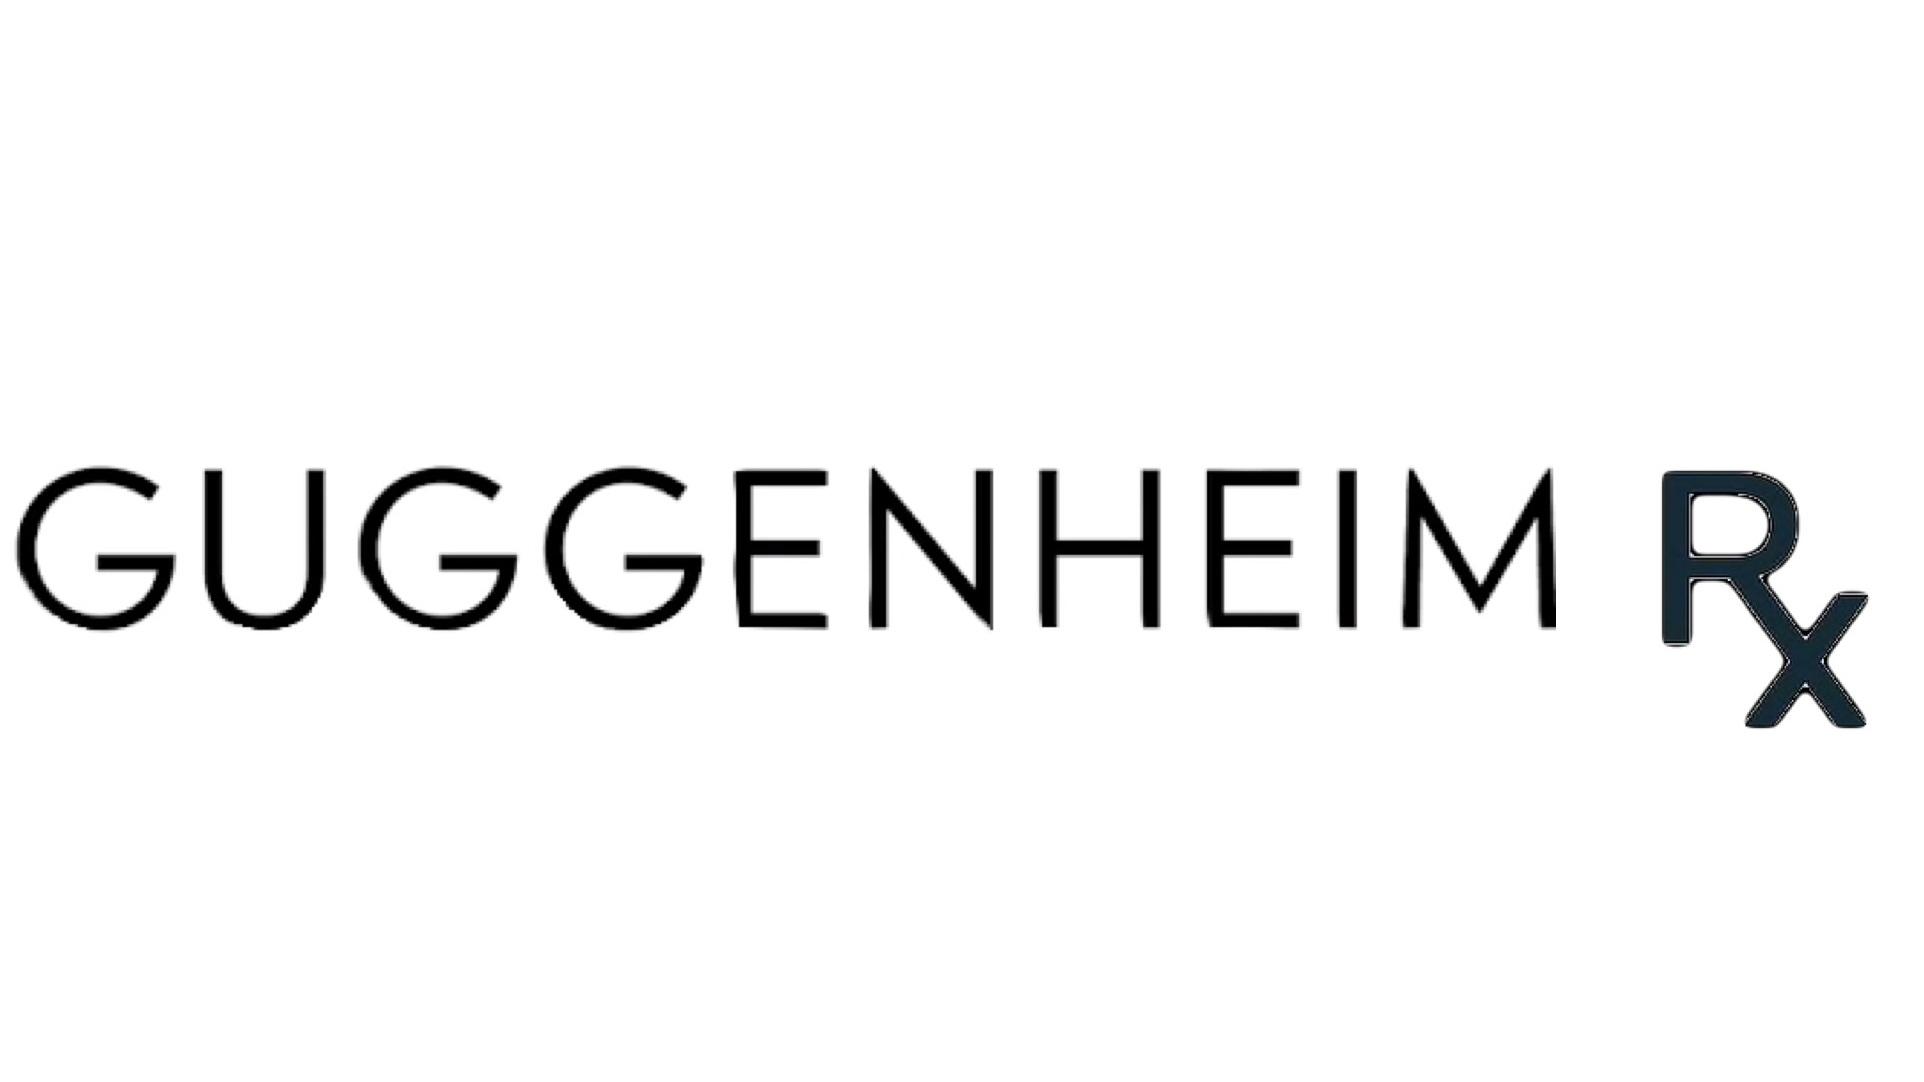 GUGGENHEIM RX Guggenheim logo & text. digital collage. 2019t 16:9